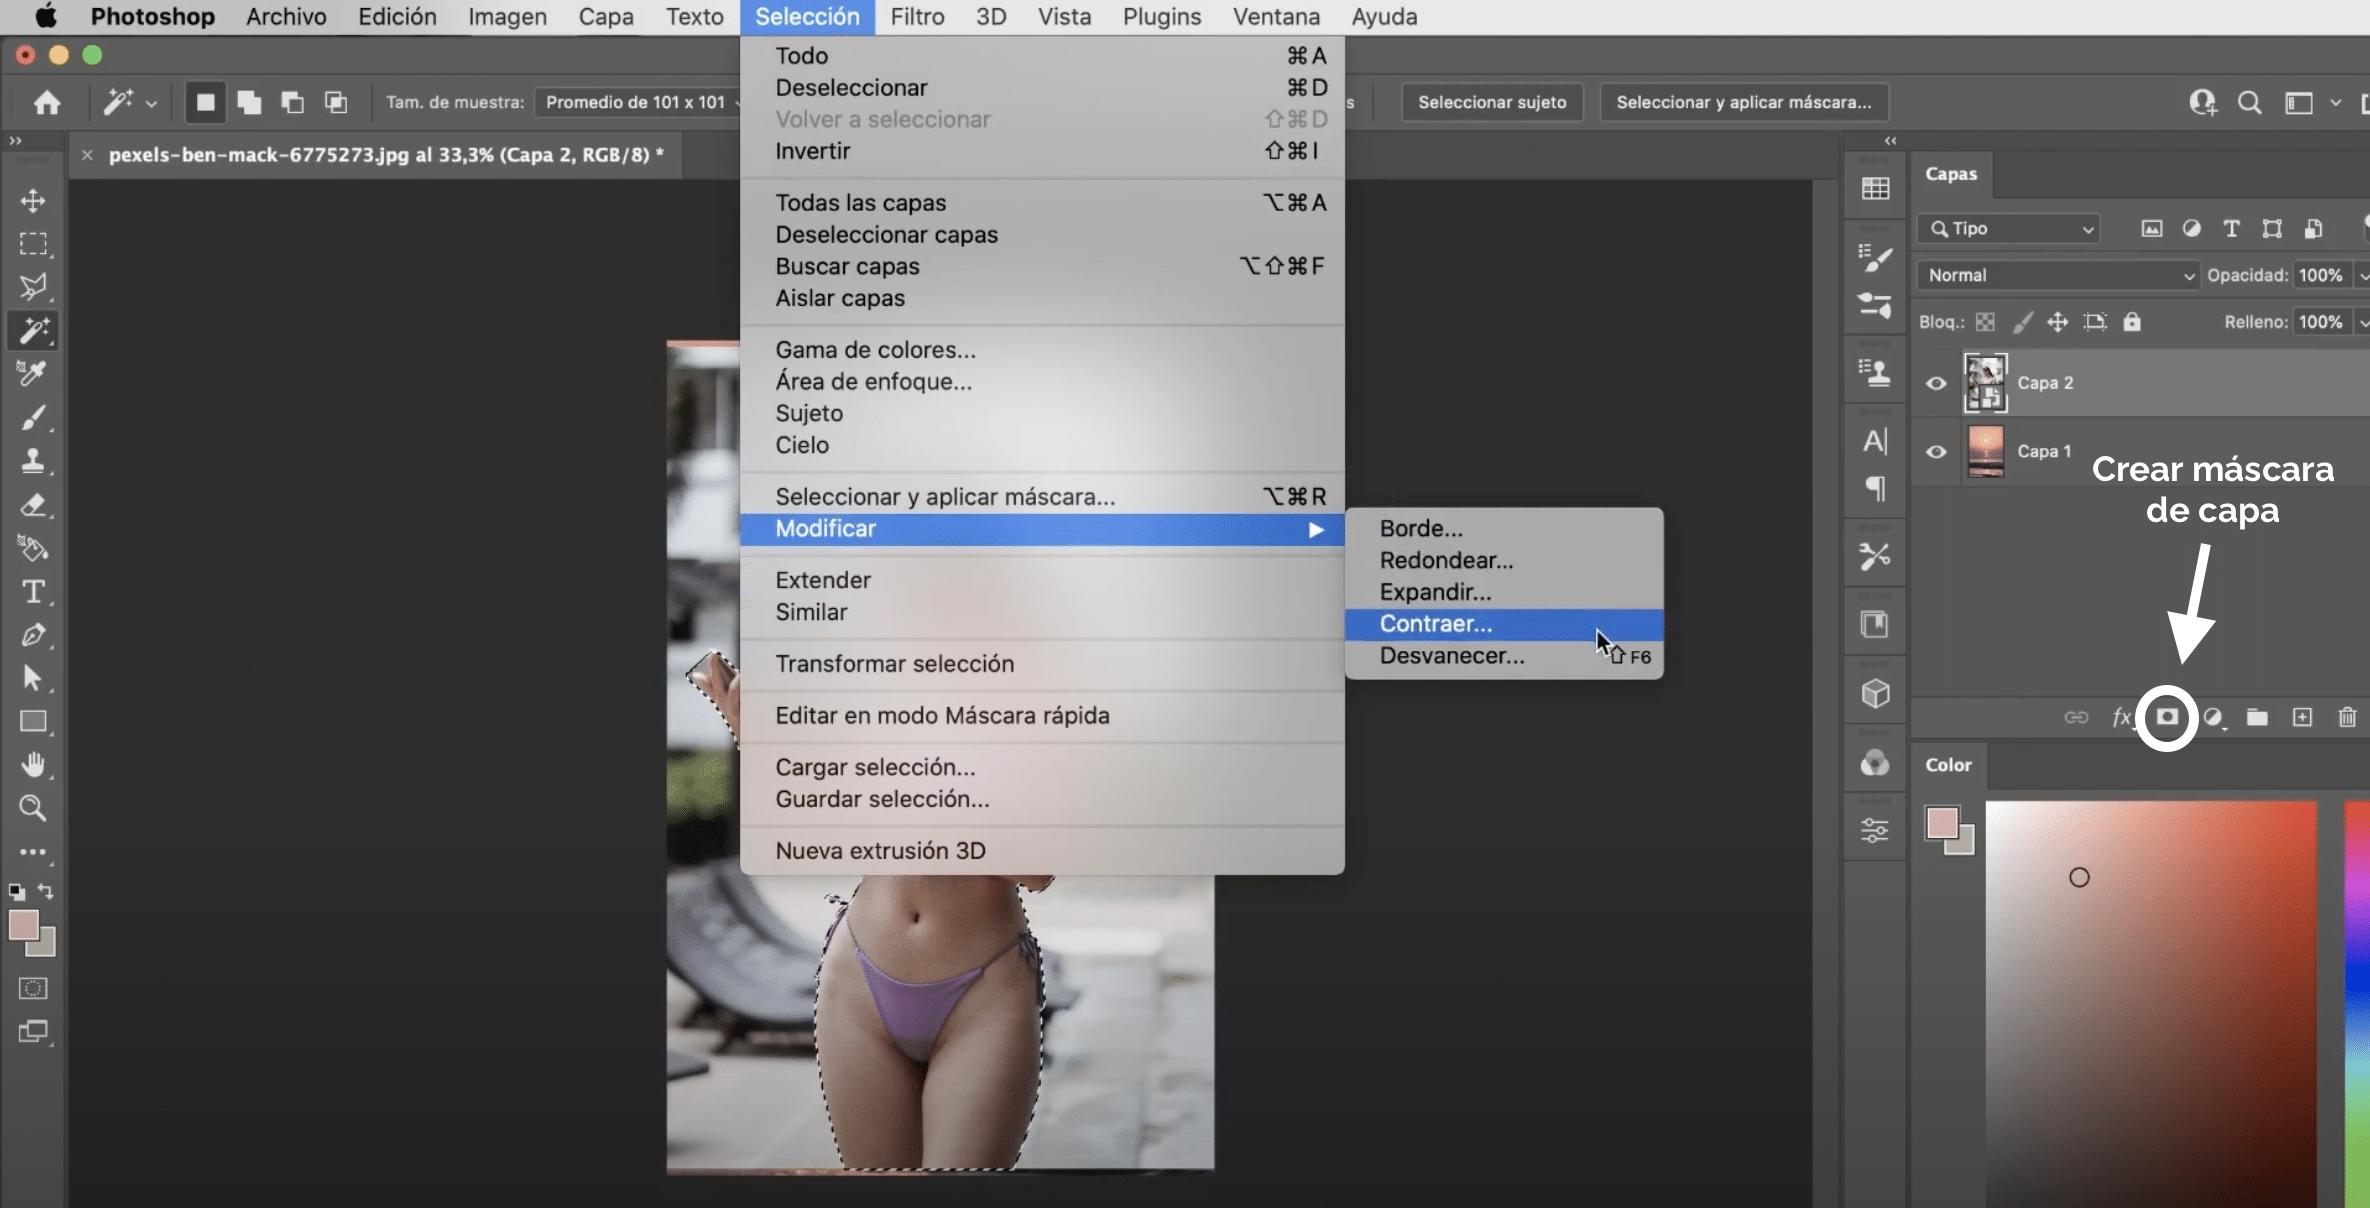 Modificar la selección y crear máscara de capa en Photoshop